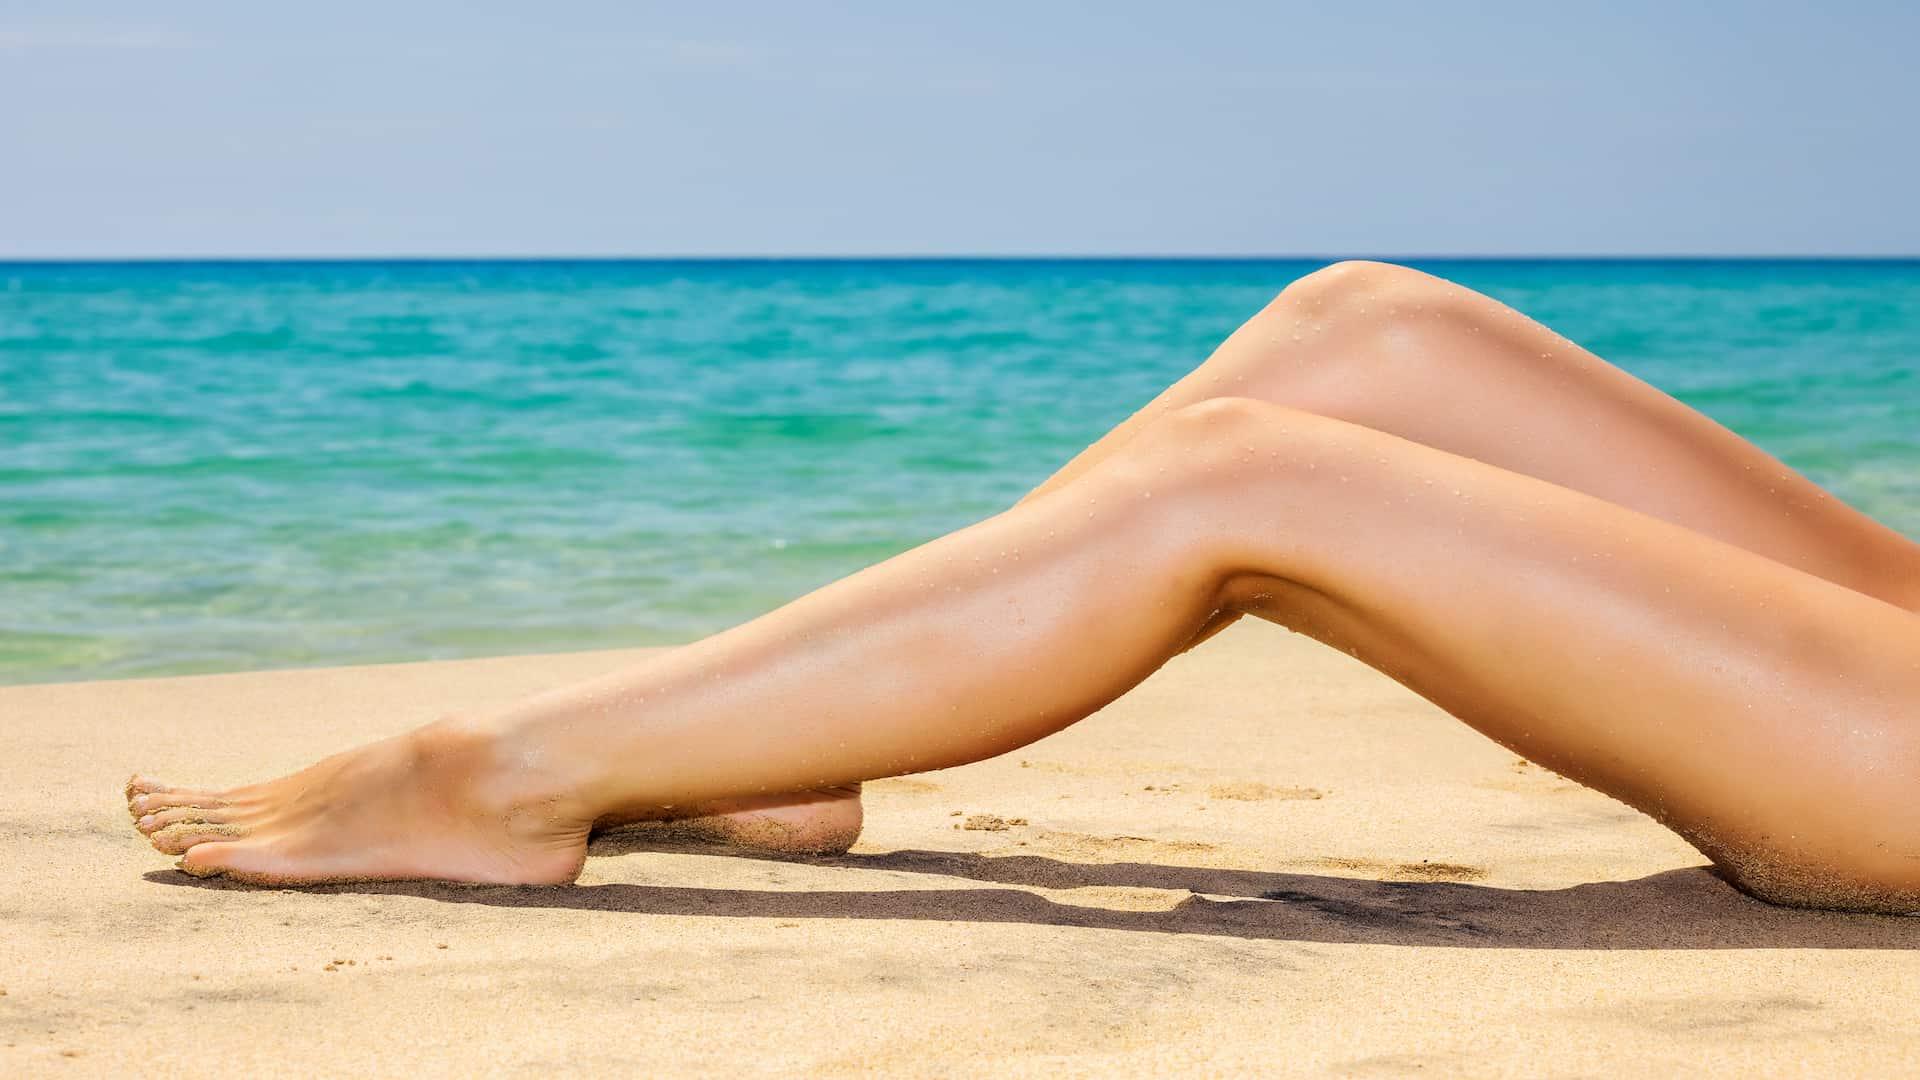 Pernas de mulher na beira do mar.